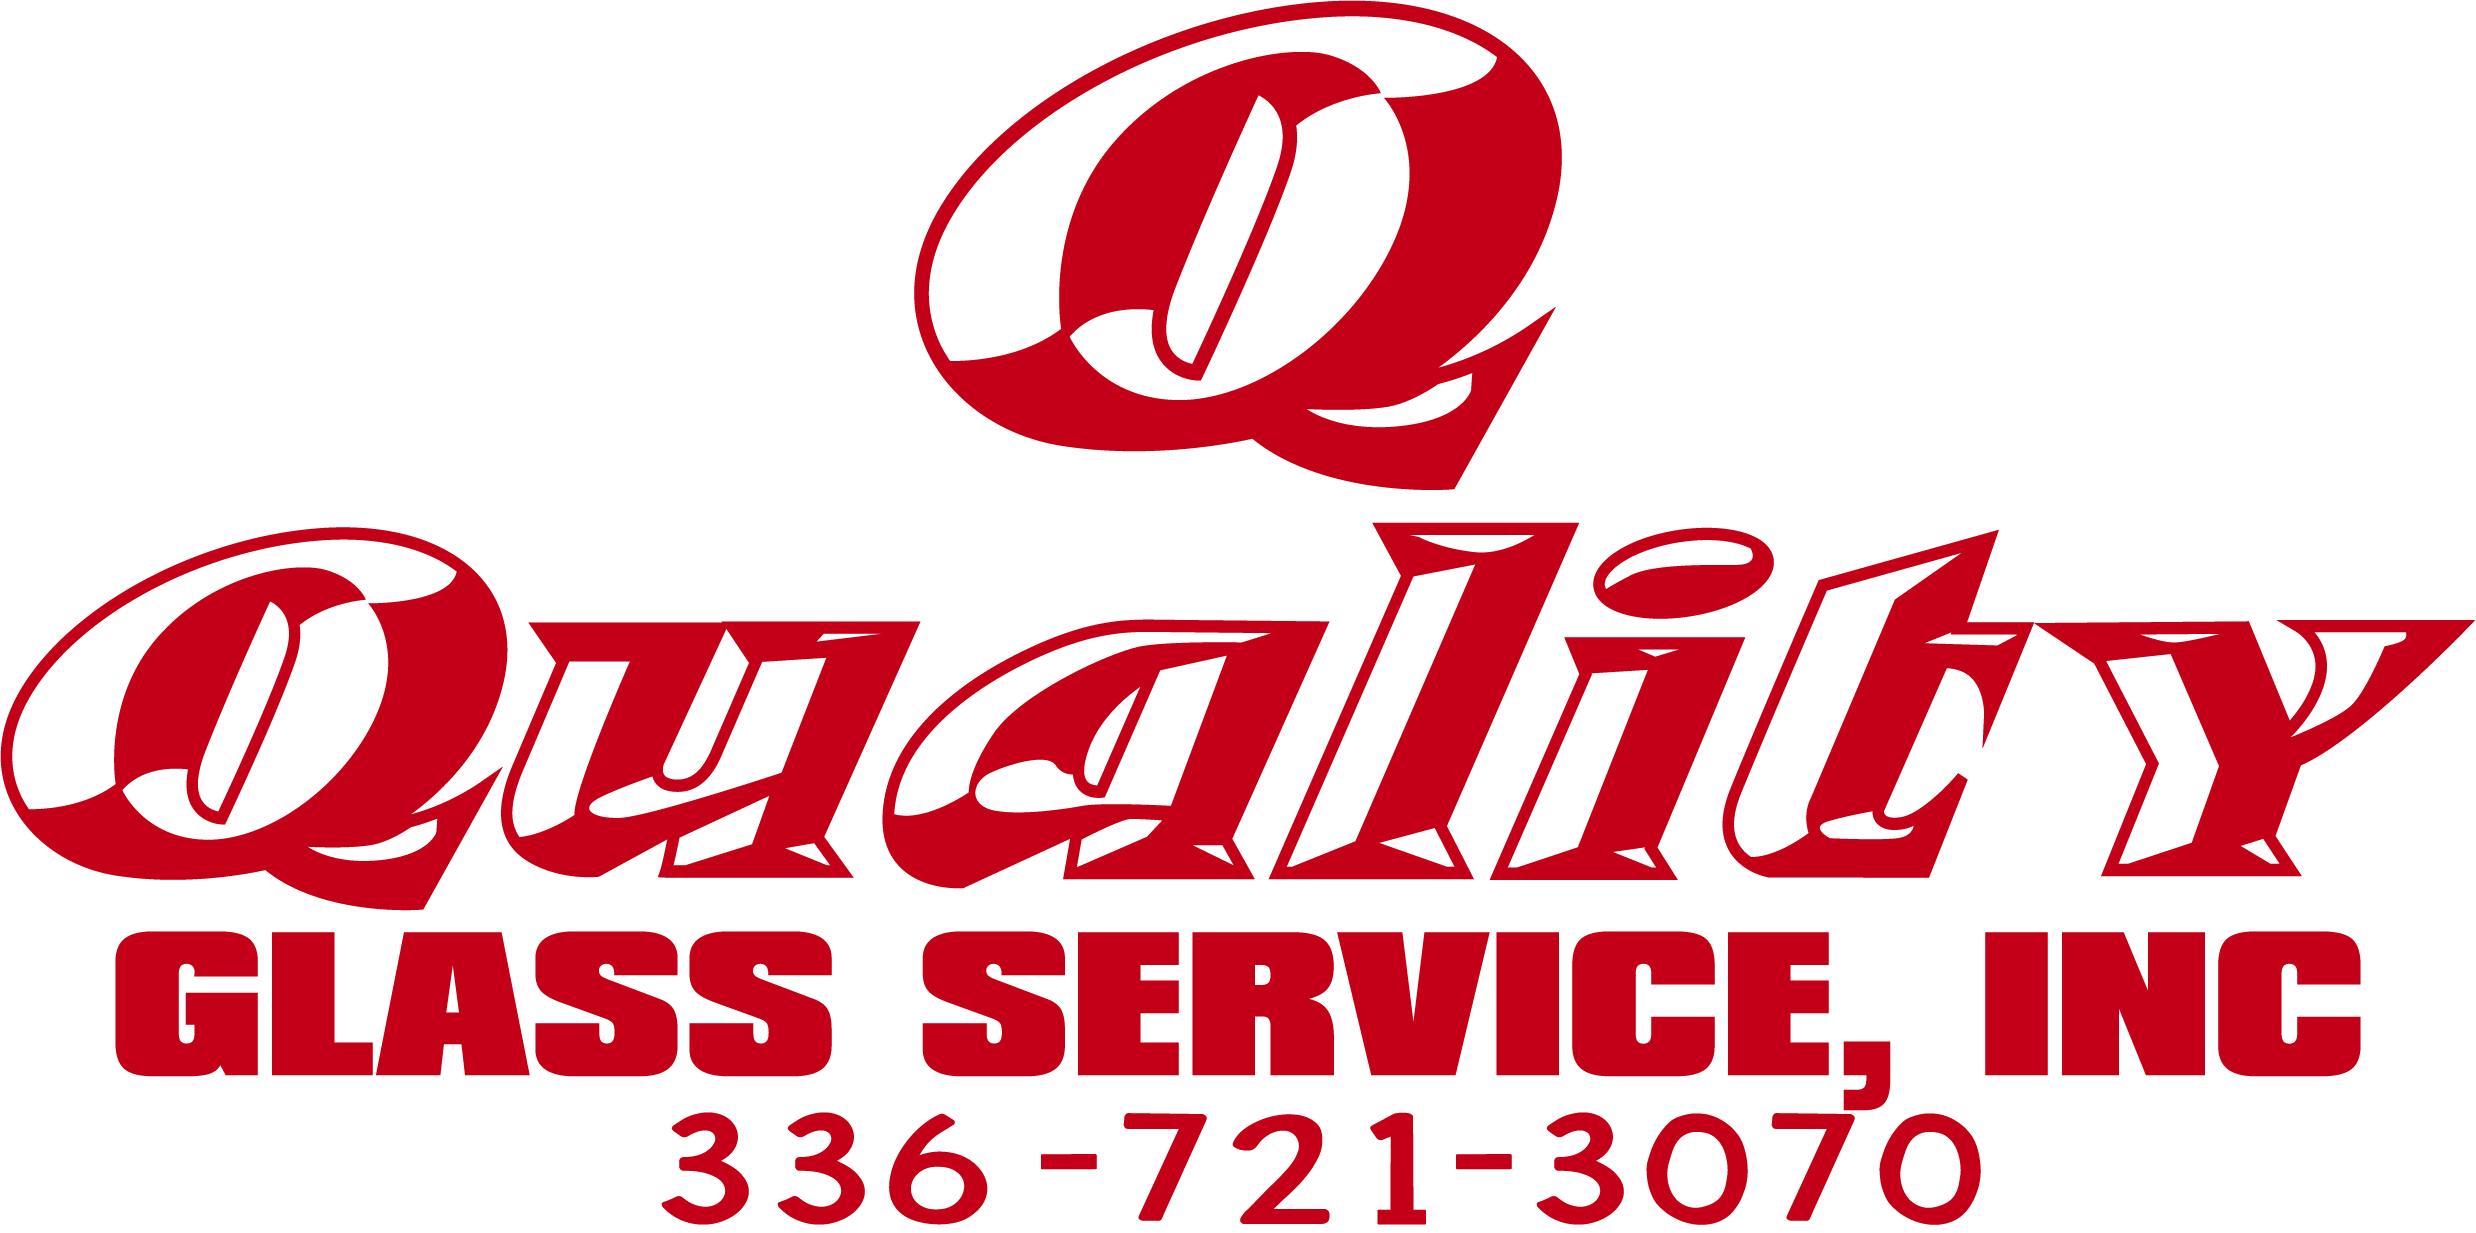 Hole Sponsor - Quality Glass - Logo